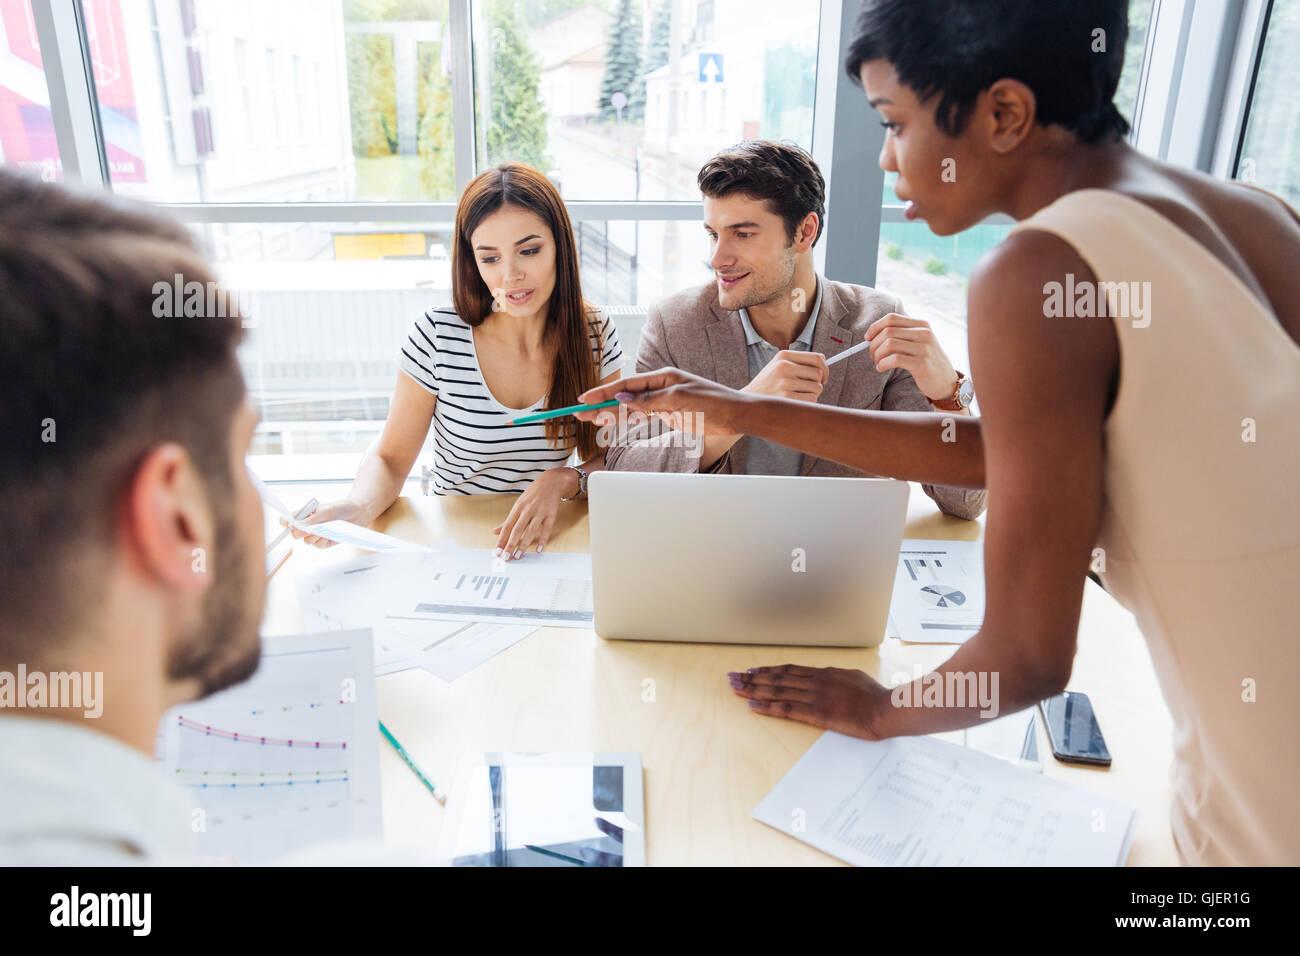 Groupe multiethnique de jeunes gens d'affaires de préparer pour présentation together in office Photo Stock